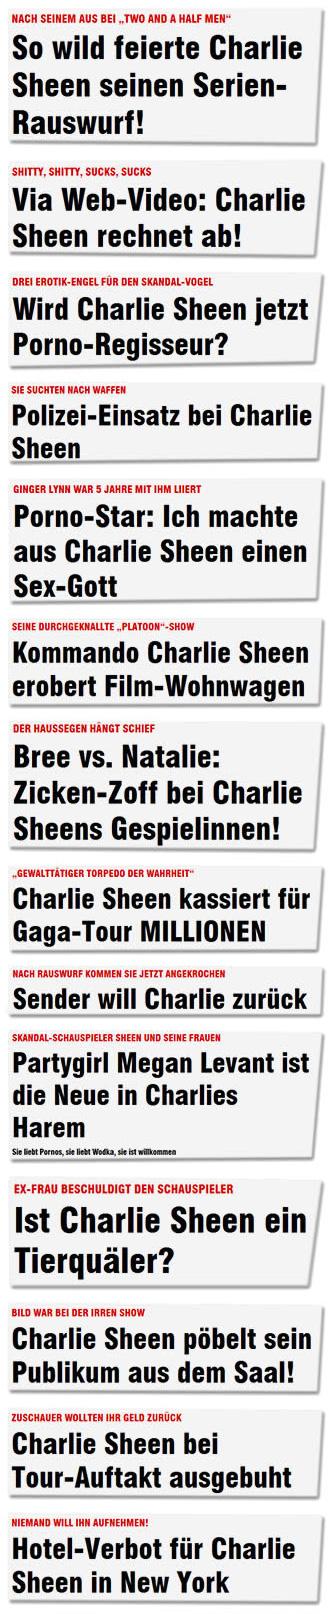 Charlie_Sheen_auf_Bild_de_05